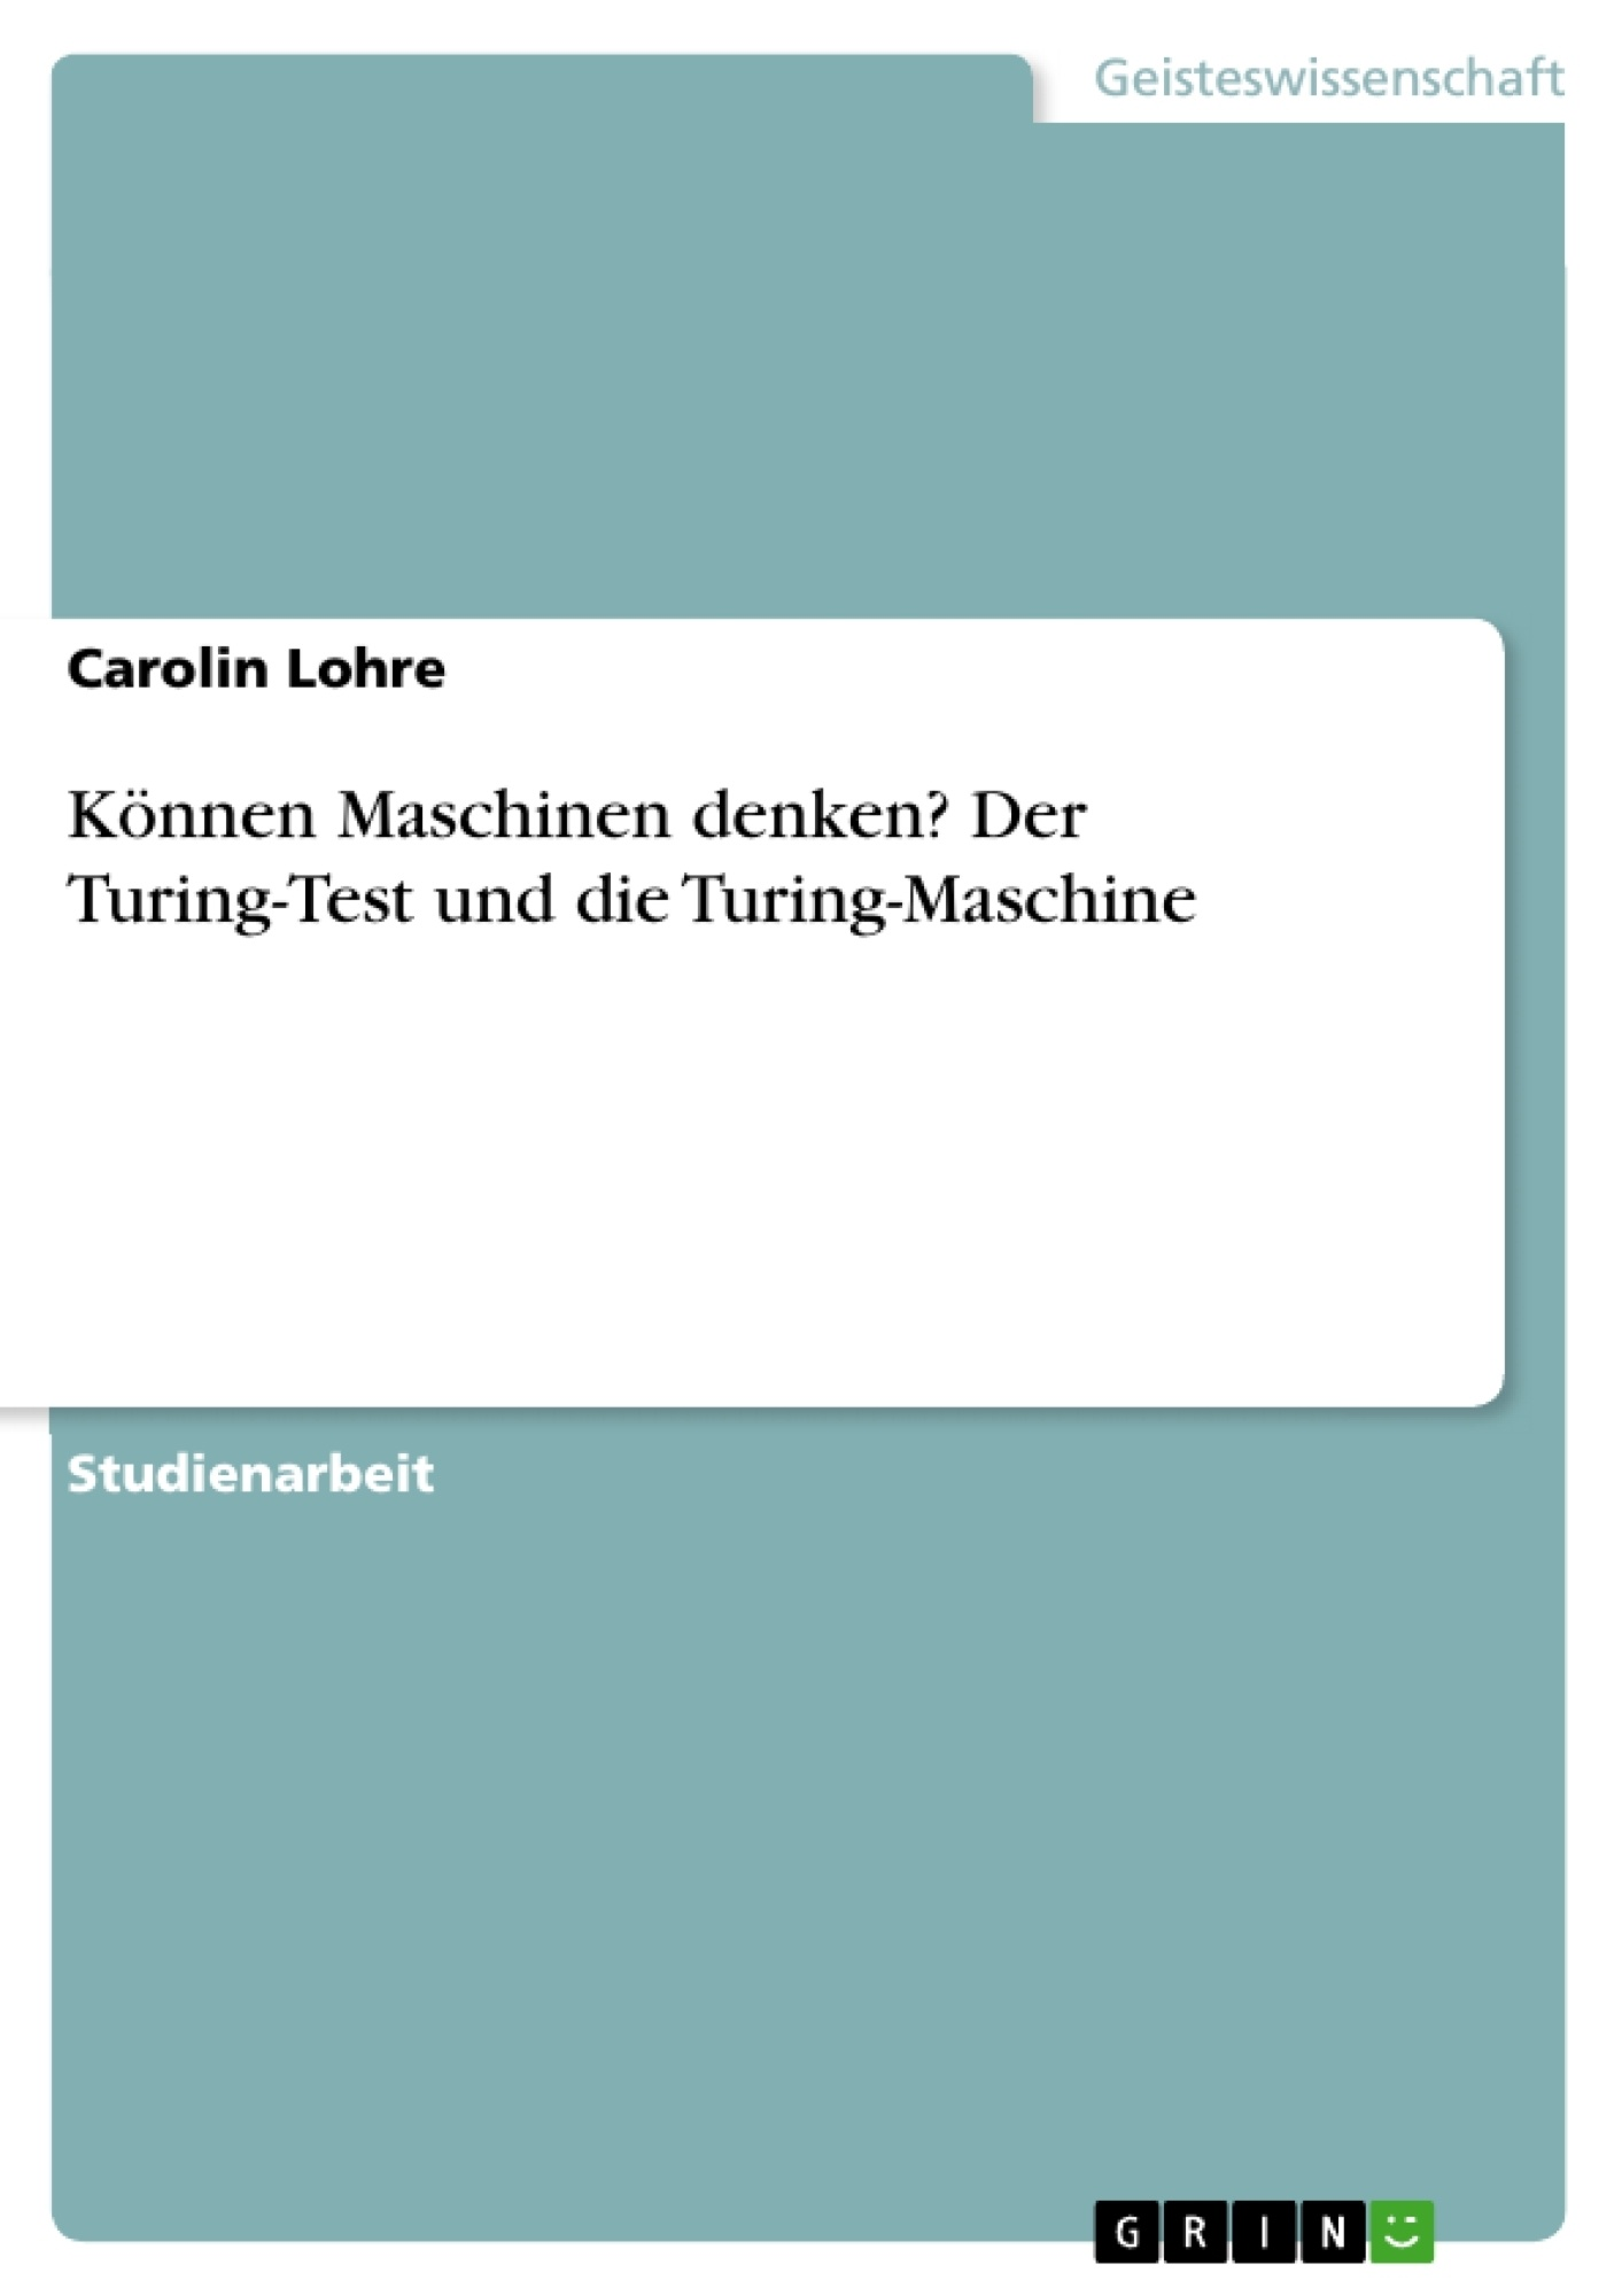 Titel: Können Maschinen denken? Der Turing-Test und die Turing-Maschine